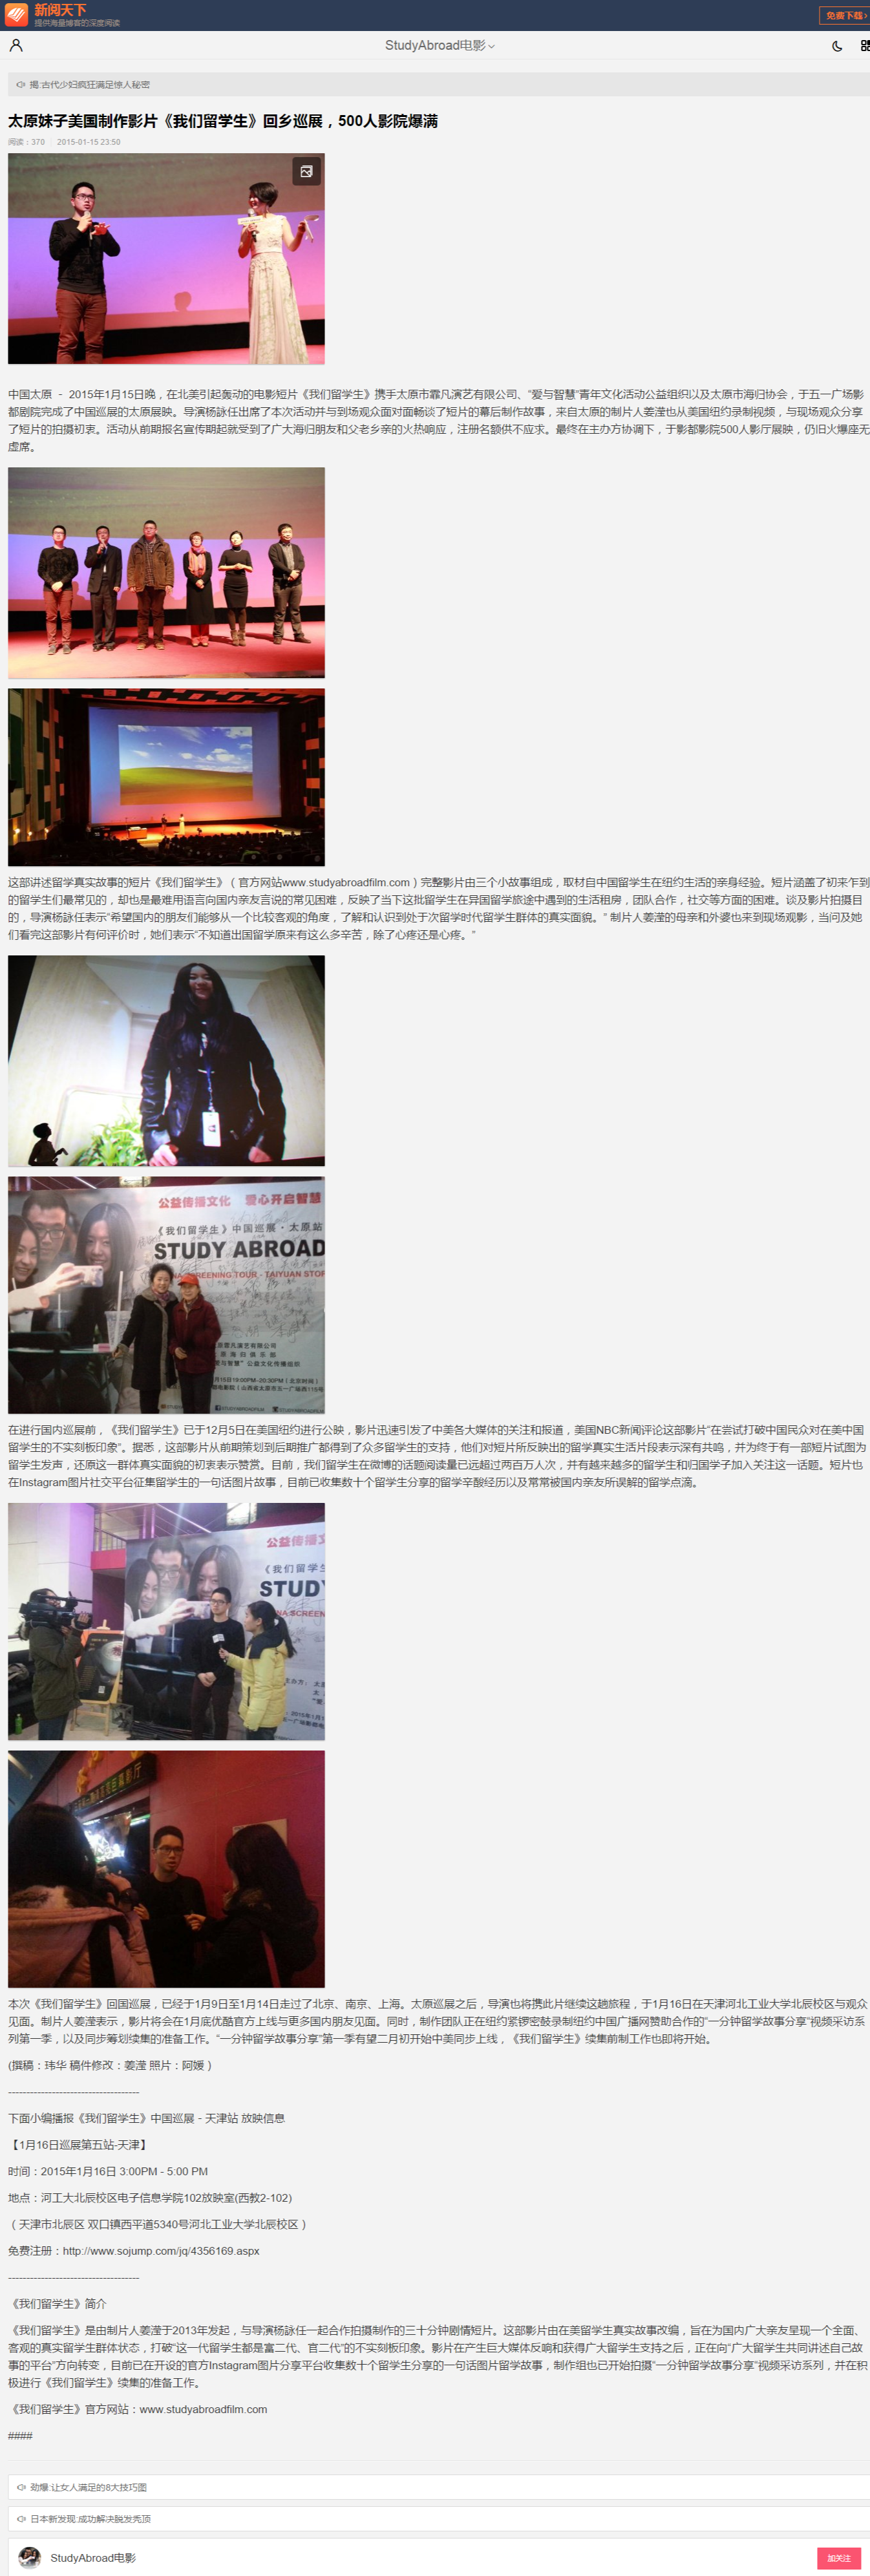 Sina.blog 1/15/2015